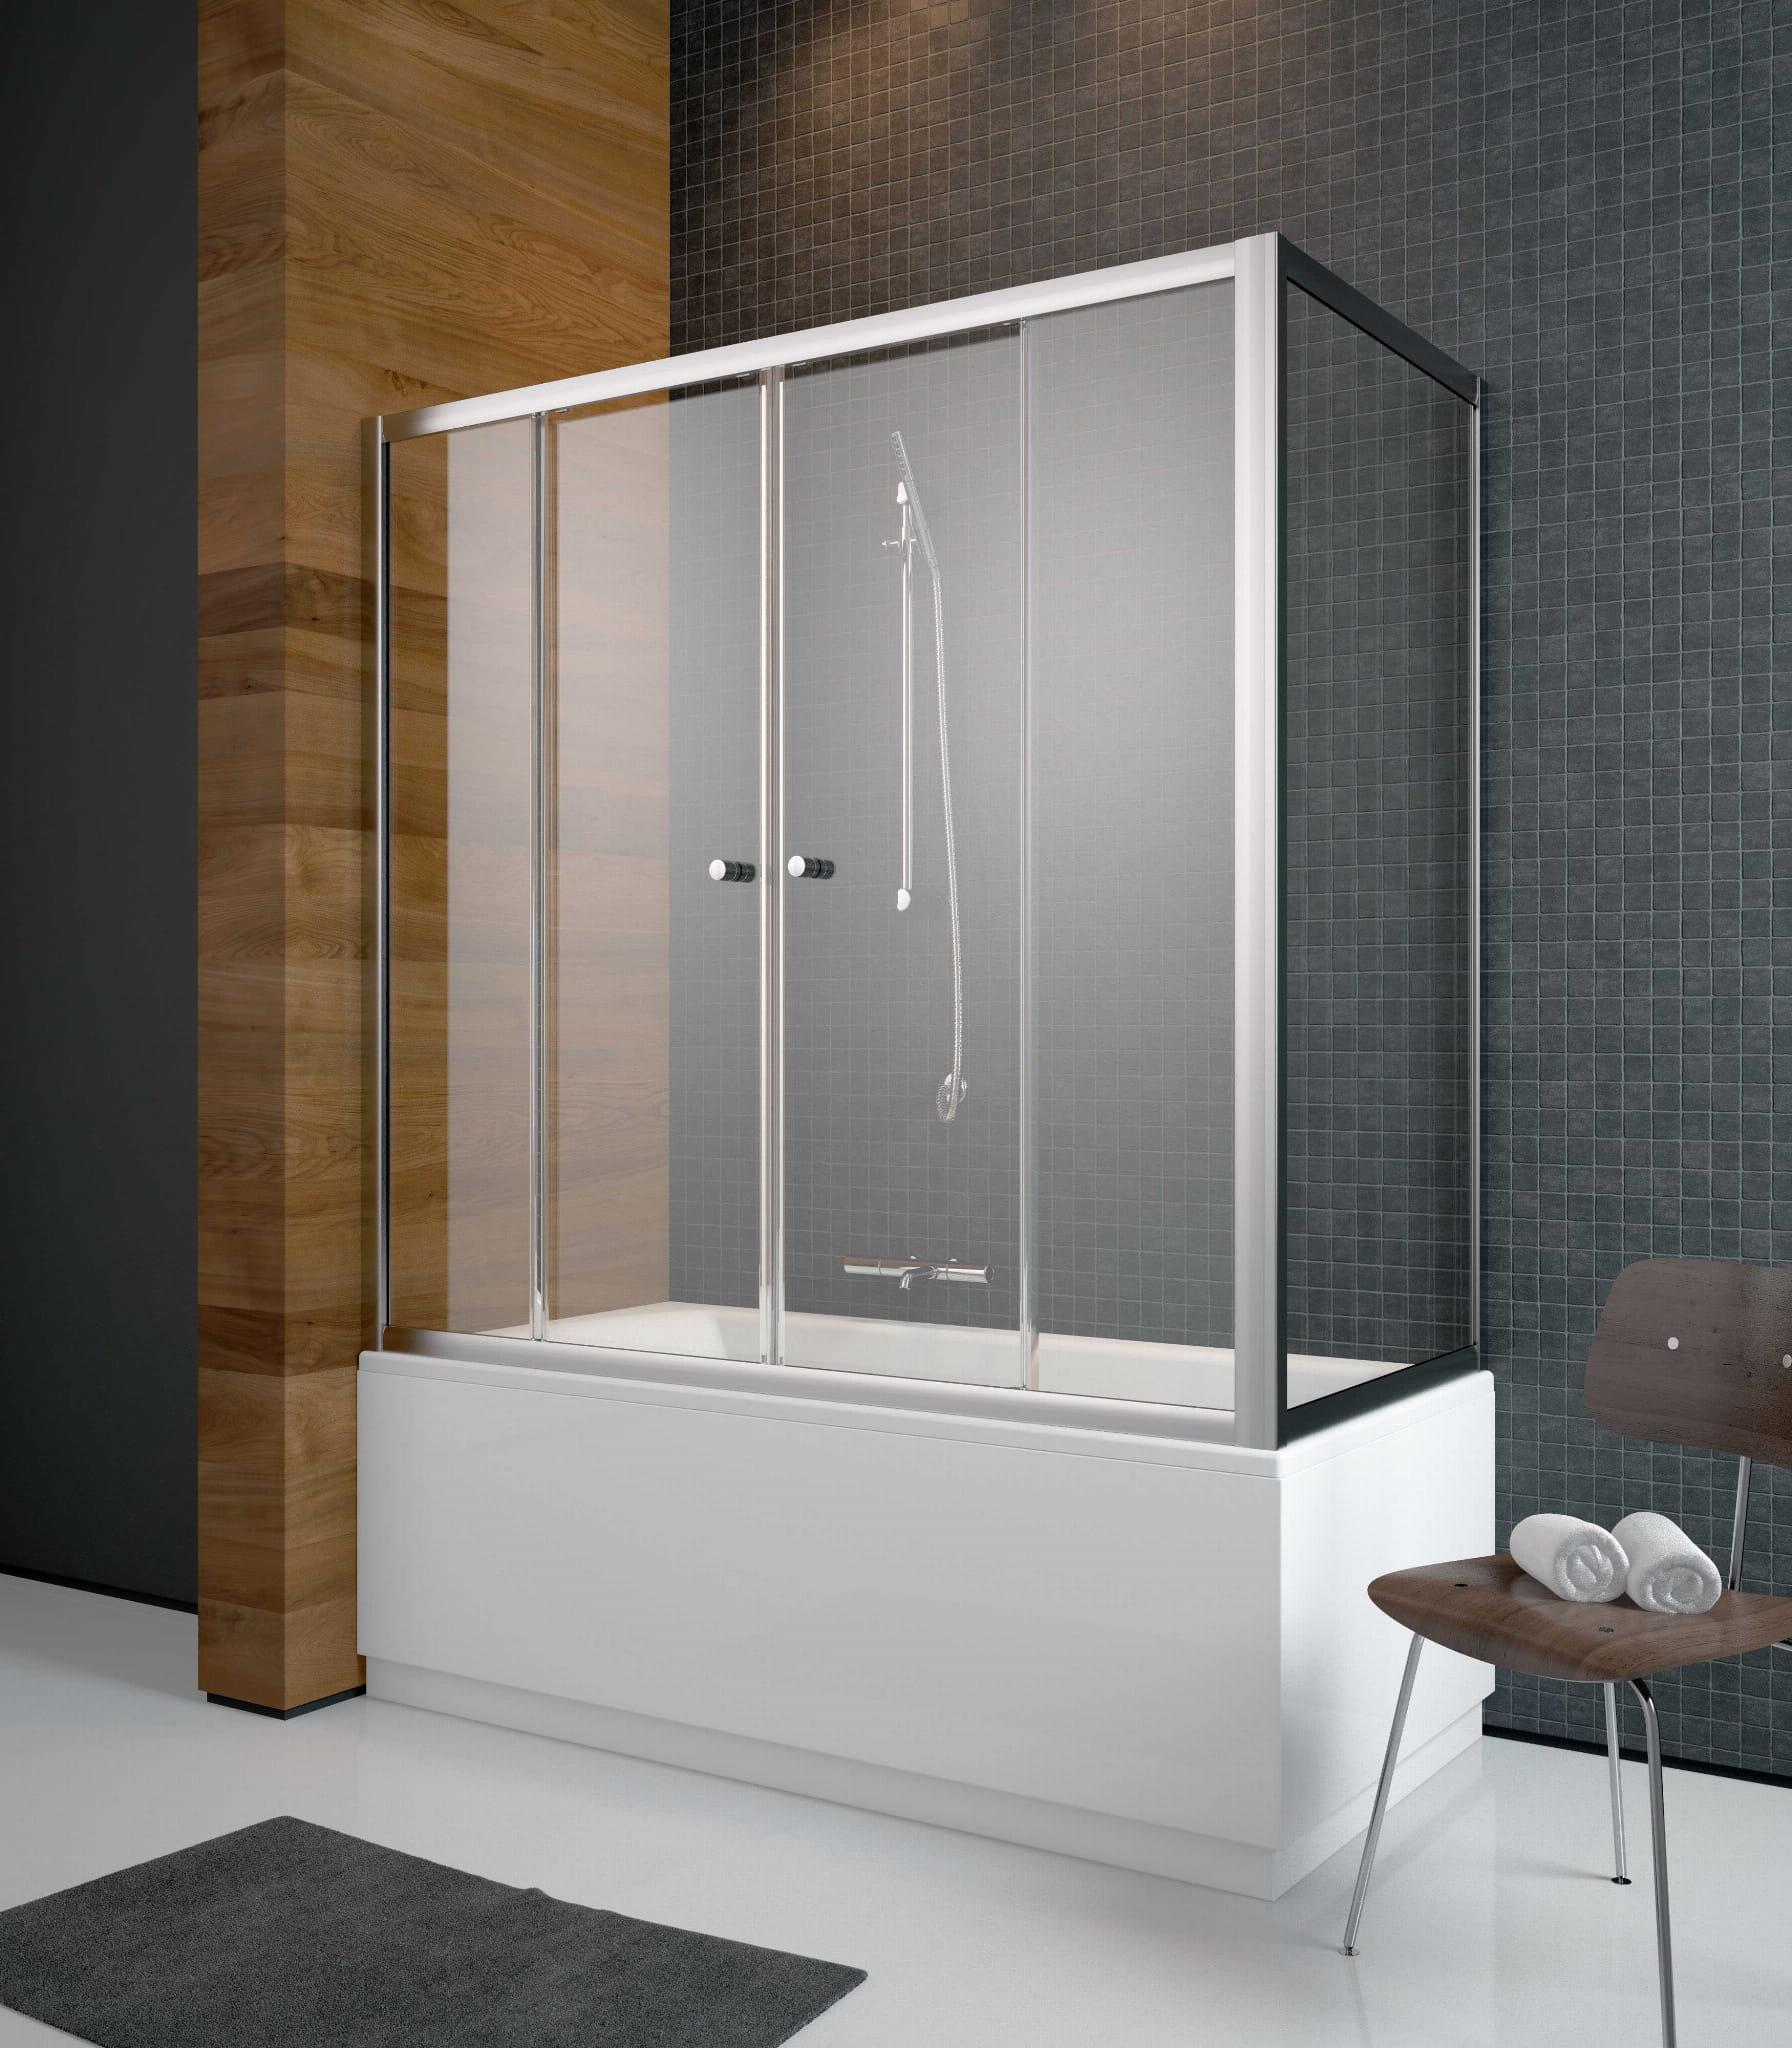 Radaway zabudowa nawannowa Vesta DWD+S 150 x 65,  szkło Fabric, wys. 150 cm 203150-06/204065-06